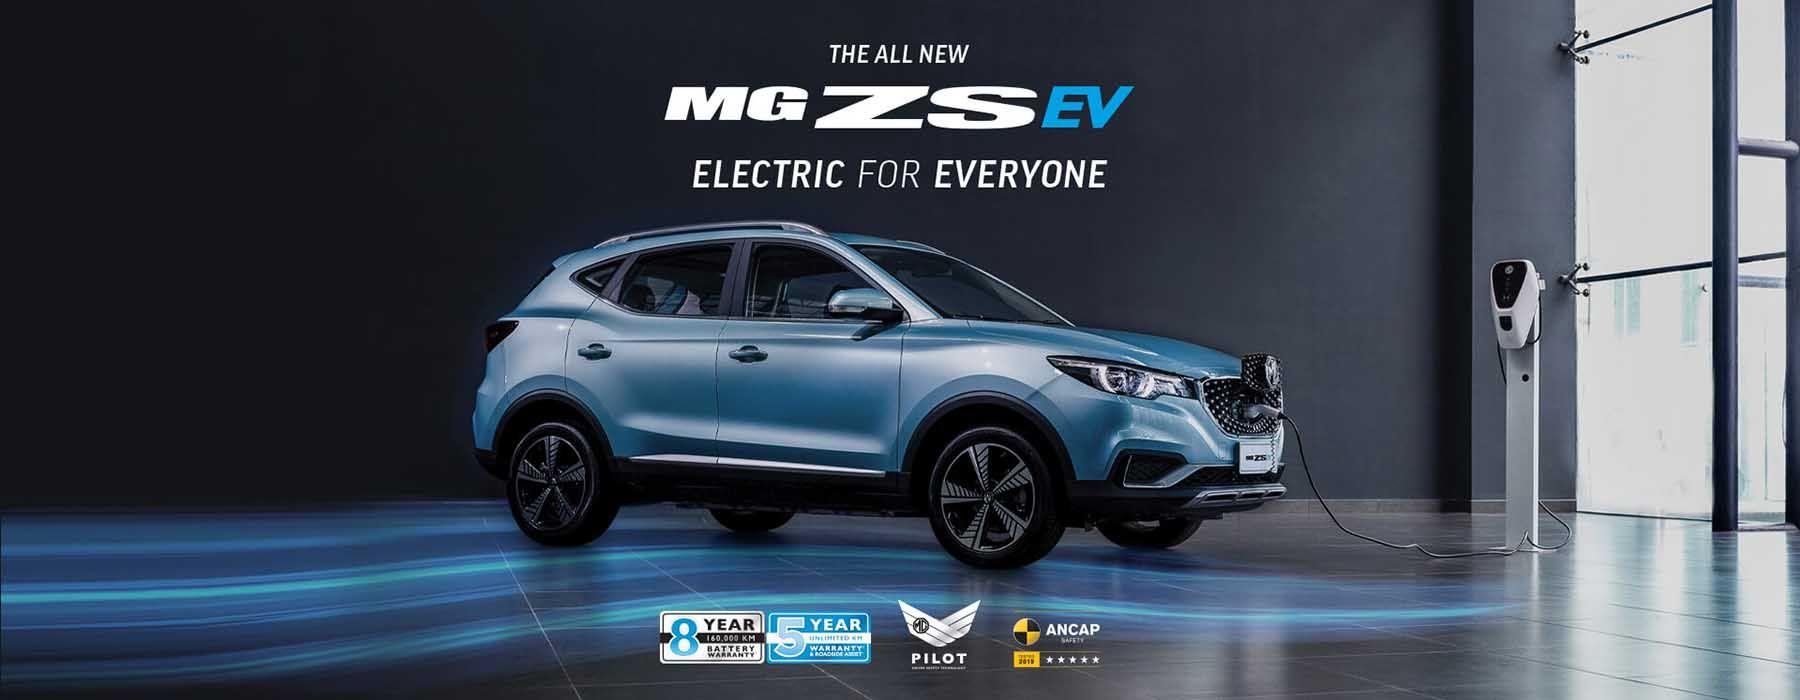 MG-ZS-EV-Model-Banner